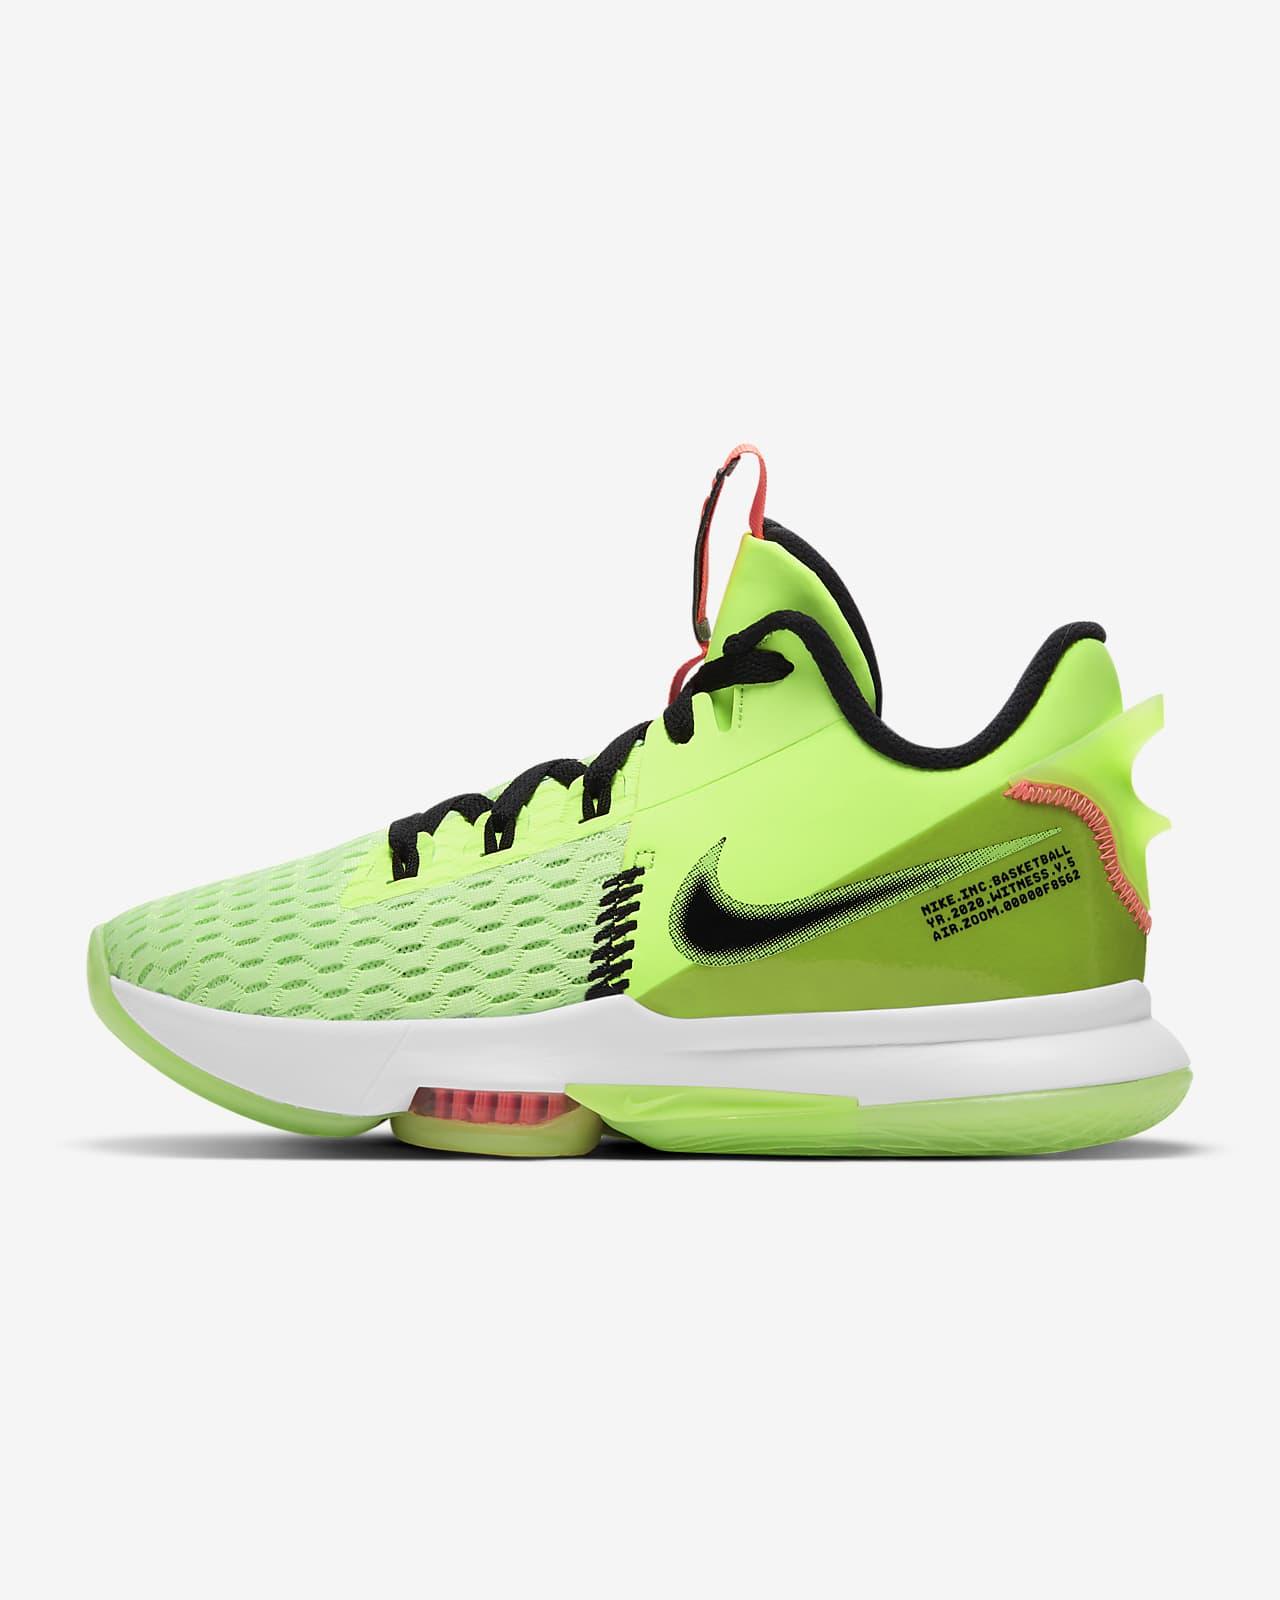 รองเท้าบาสเก็ตบอล LeBron Witness 5 EP